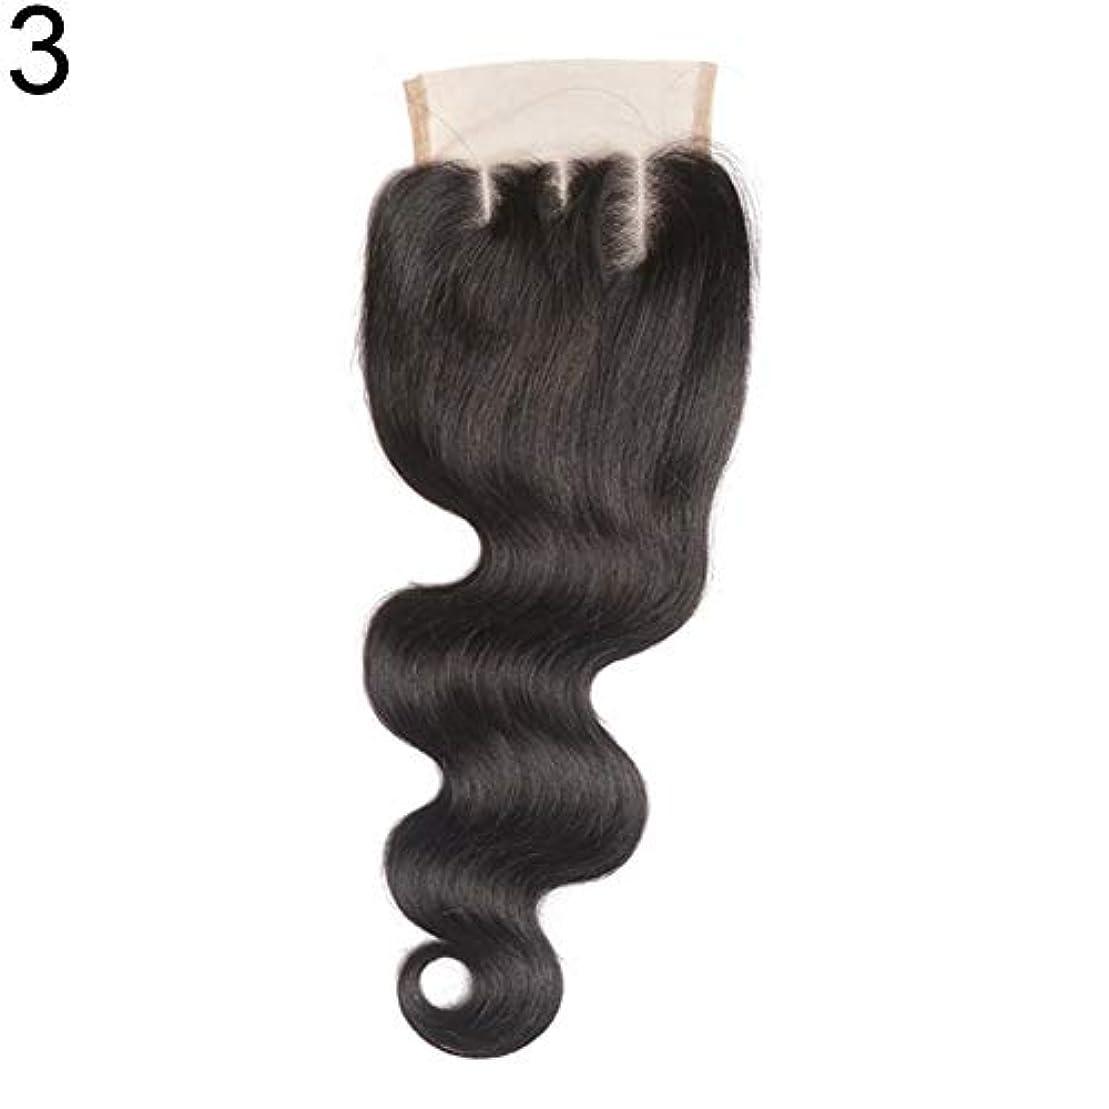 アッパー負荷ステープルslQinjiansav女性ウィッグ修理ツールブラジルのミドル/フリー/3部人間の髪のレース閉鎖ウィッグ黒ヘアピース